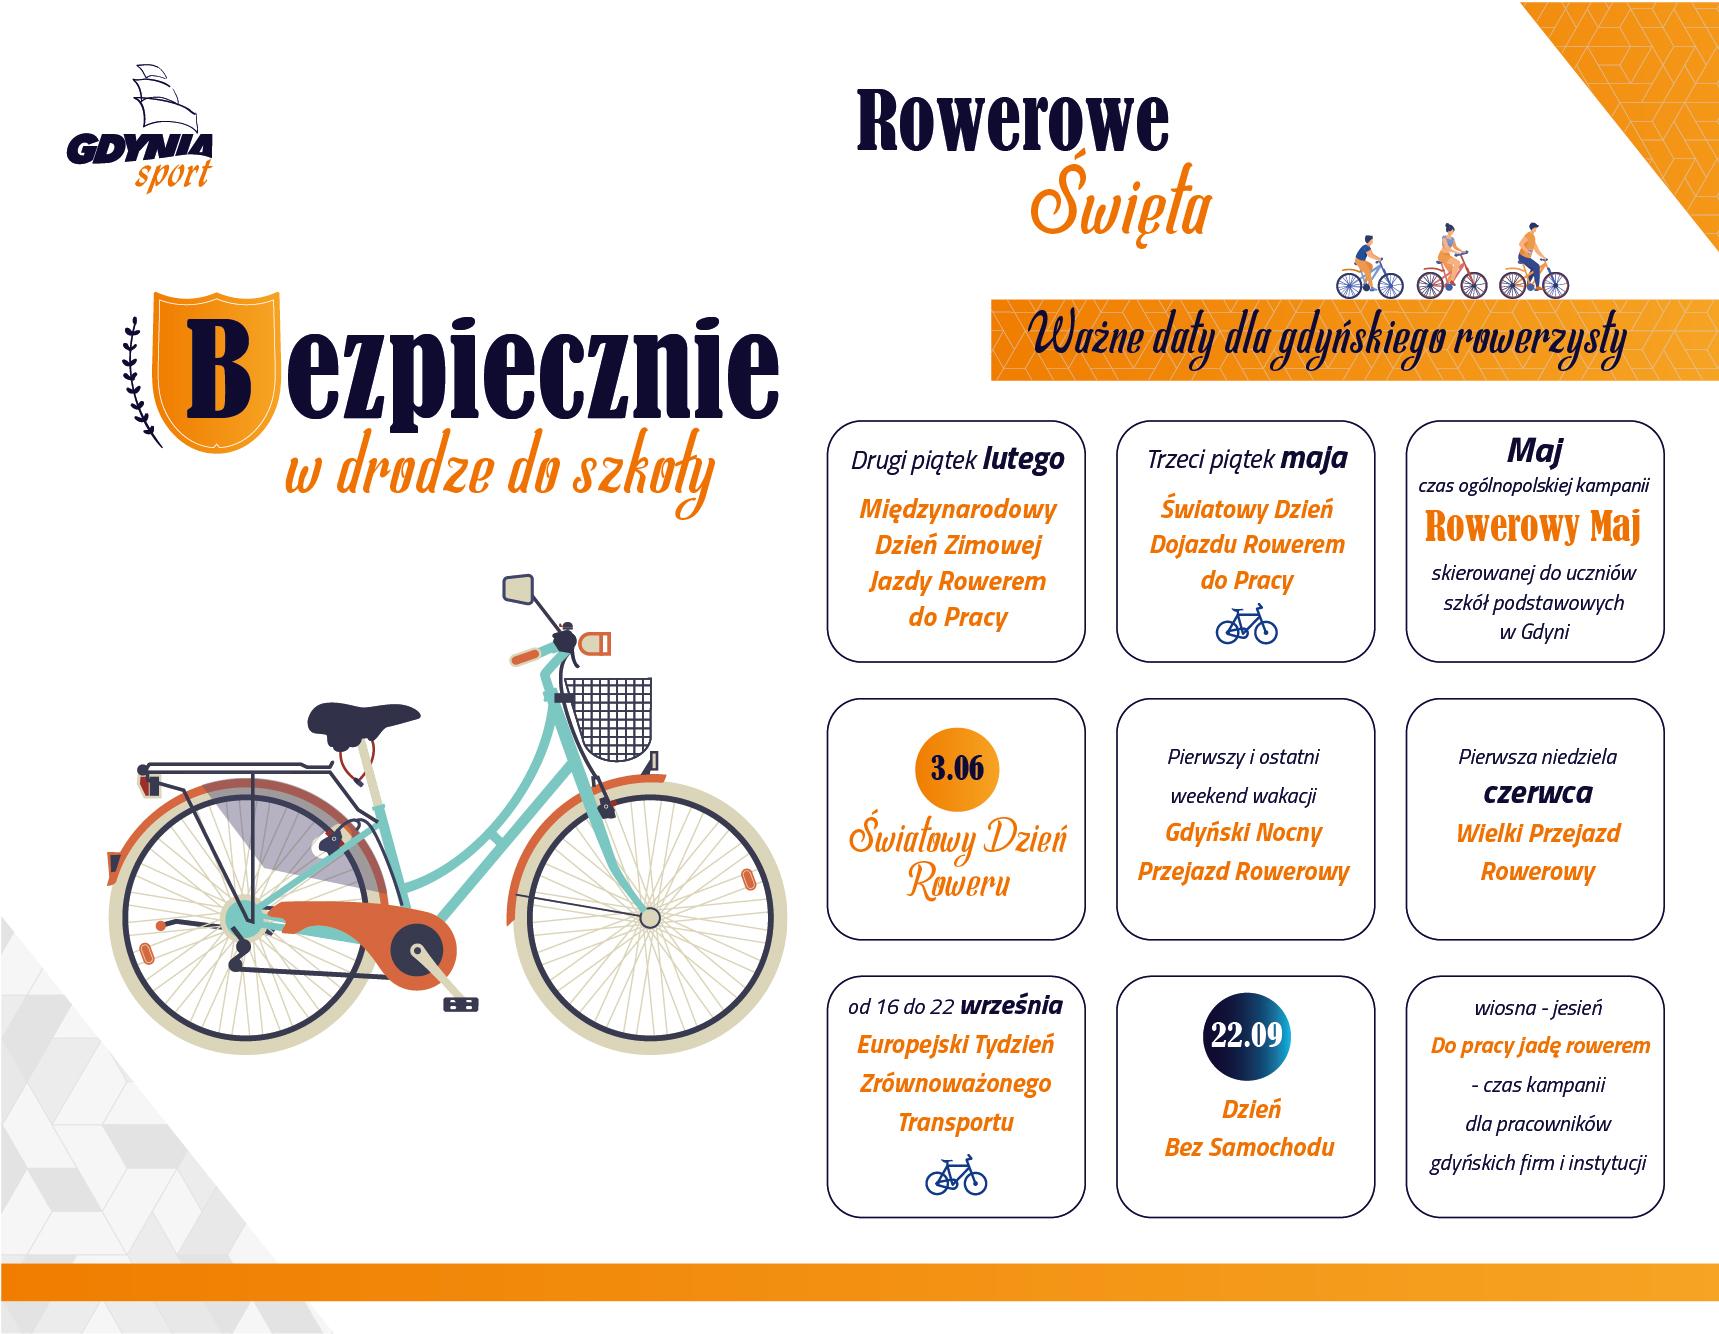 """Książeczka """"Bezpiecznie w drodze do szkoły"""" to uniwersalne narzędzie służące jako narzędzie do edukacji dla rodziców, nauczycieli i liderów projektów rowerowych w naszym mieście."""